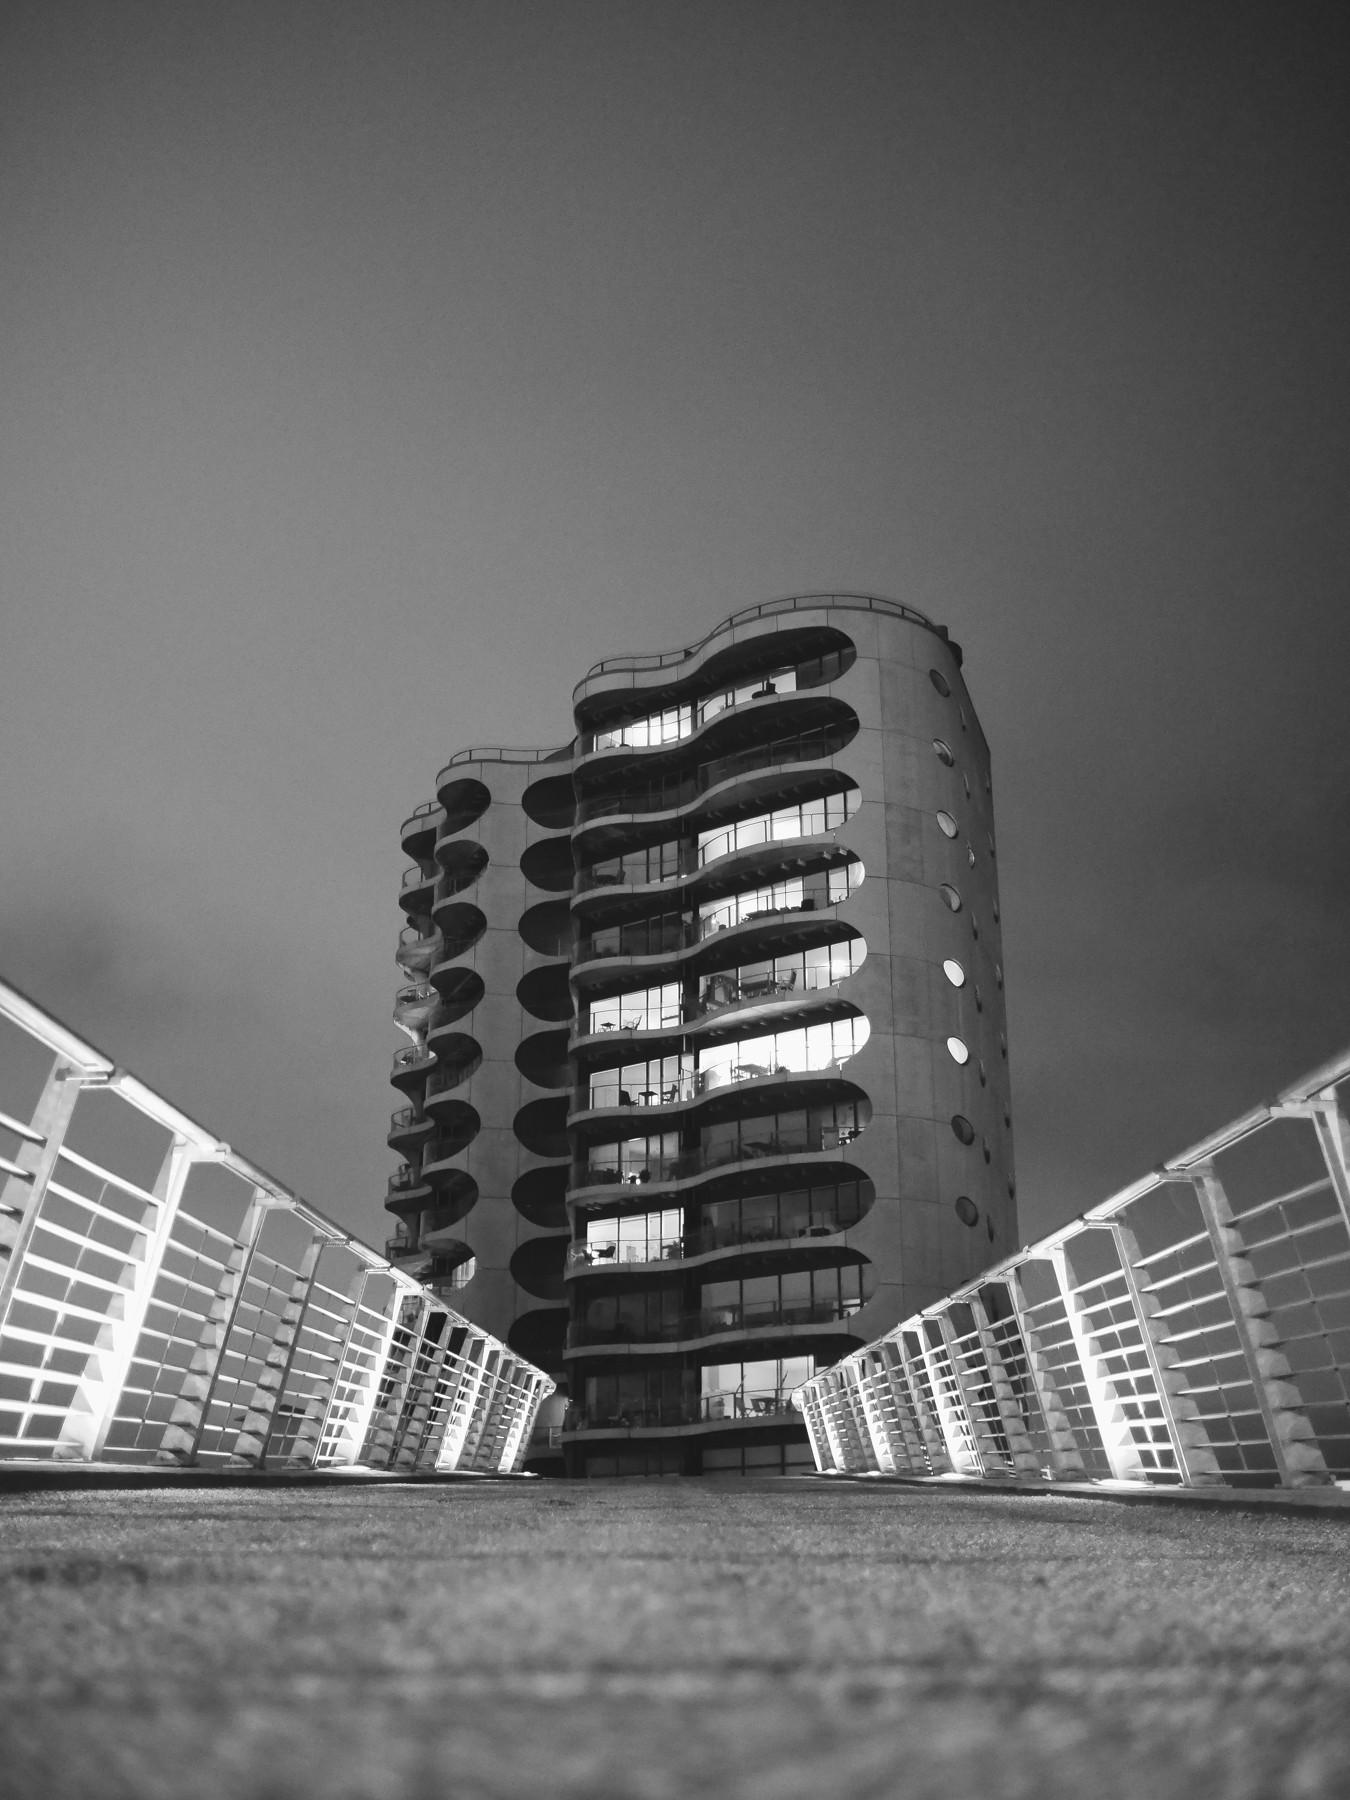 Urban geometry: Metropolis CPH højhuset - Voigtländer 17.5mm til Micro Four Thirds